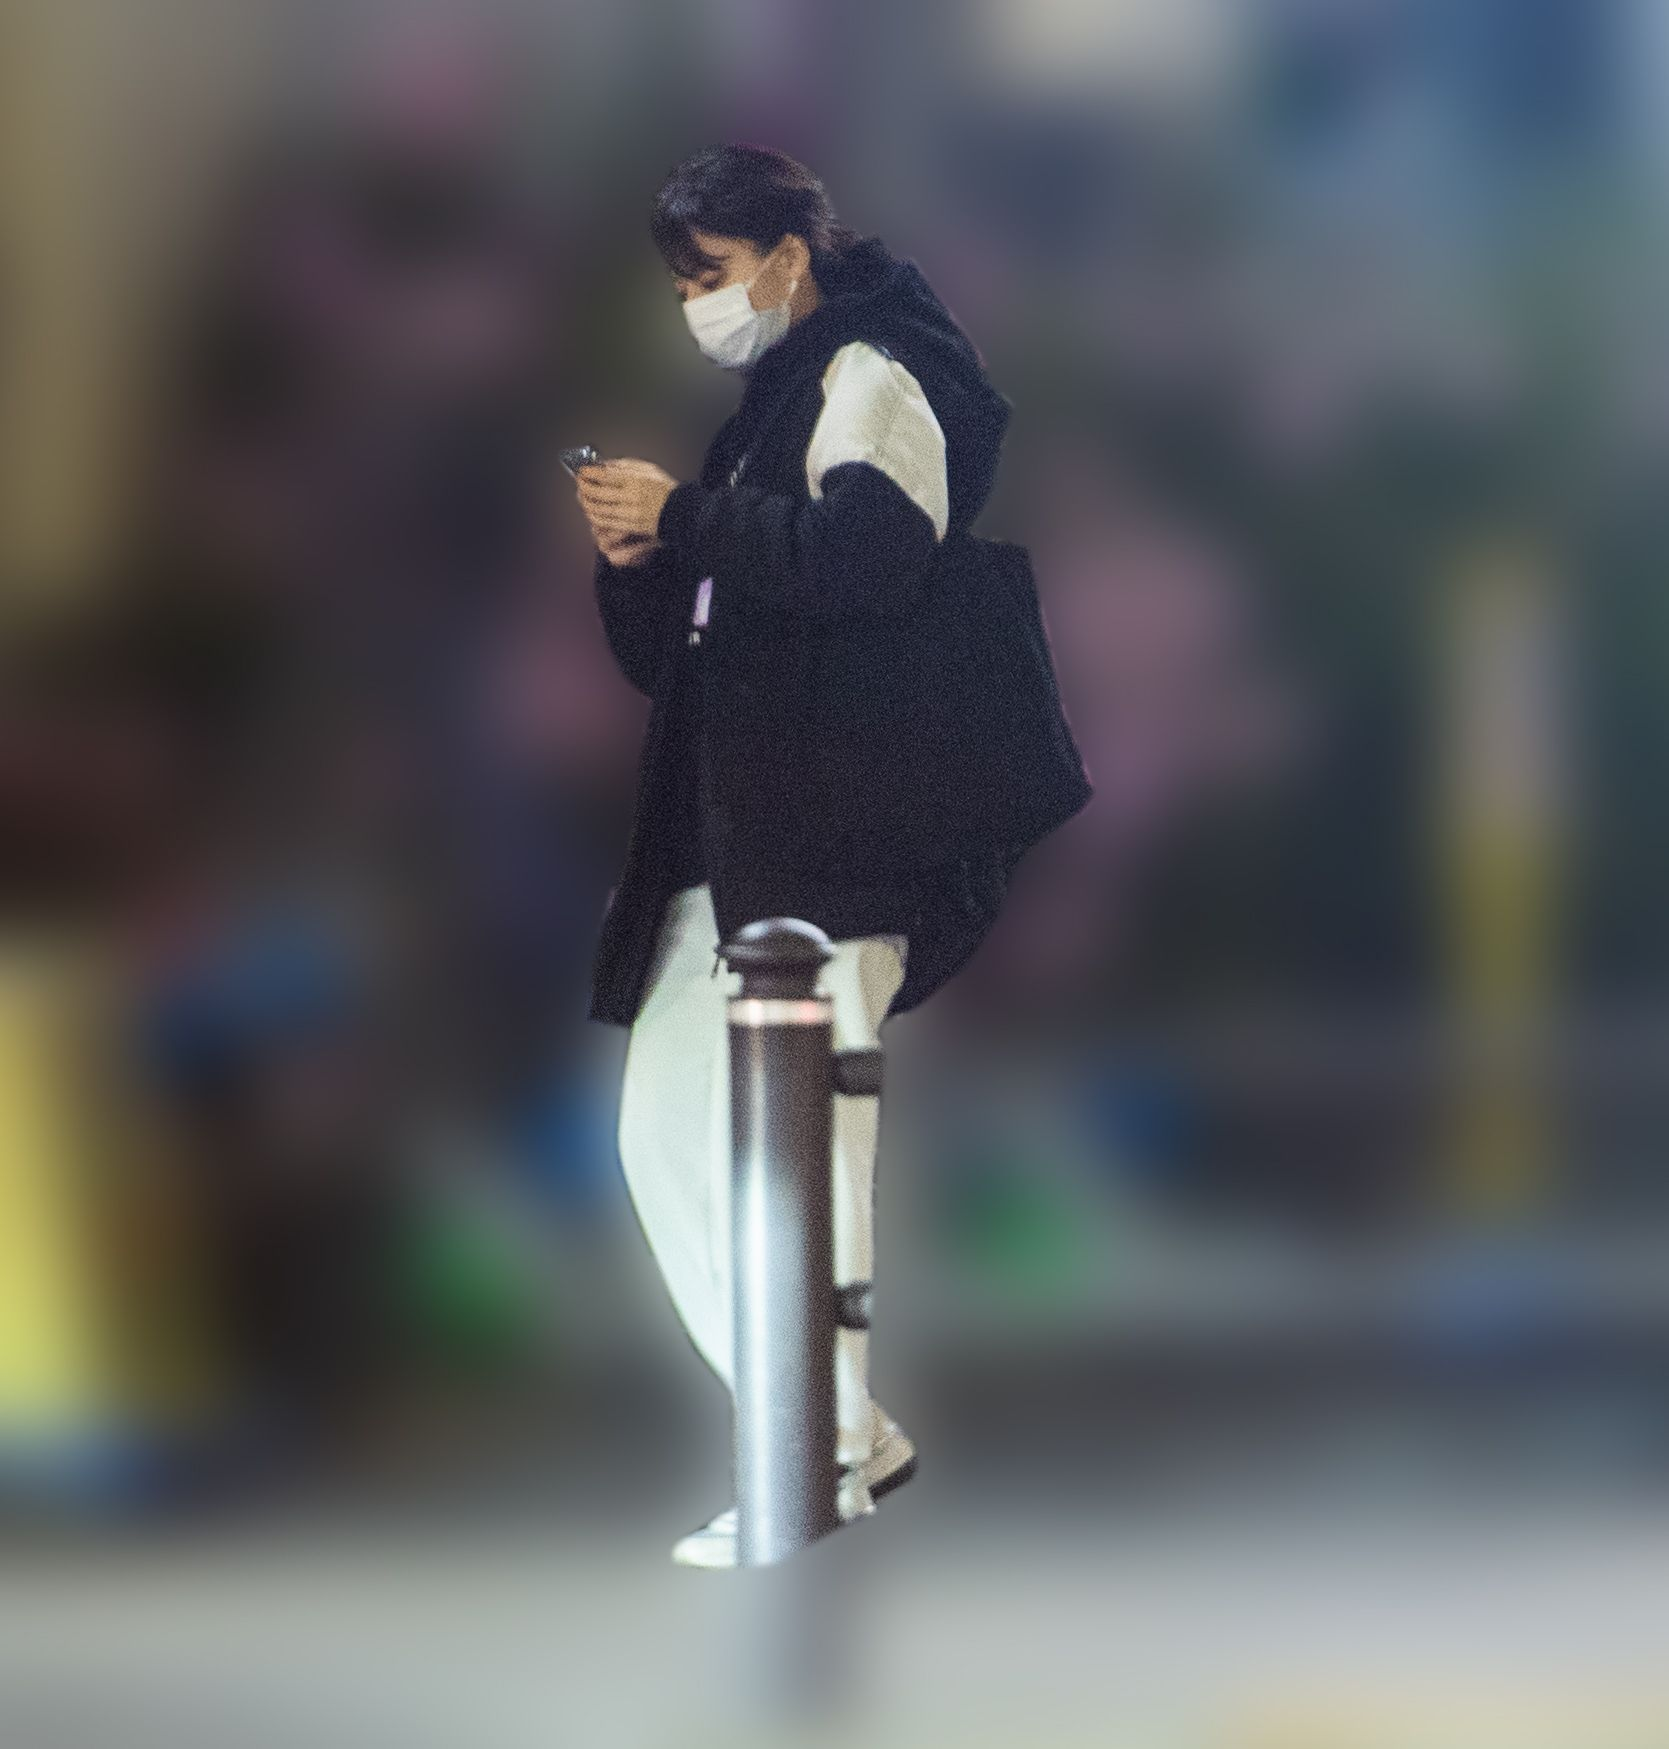 """活動休止発表】「AKB48の新グラビア女王」鈴木優香(20)が40代アイドルプロデューサーと""""合鍵半同棲""""《スクープ   ニコニコニュース"""